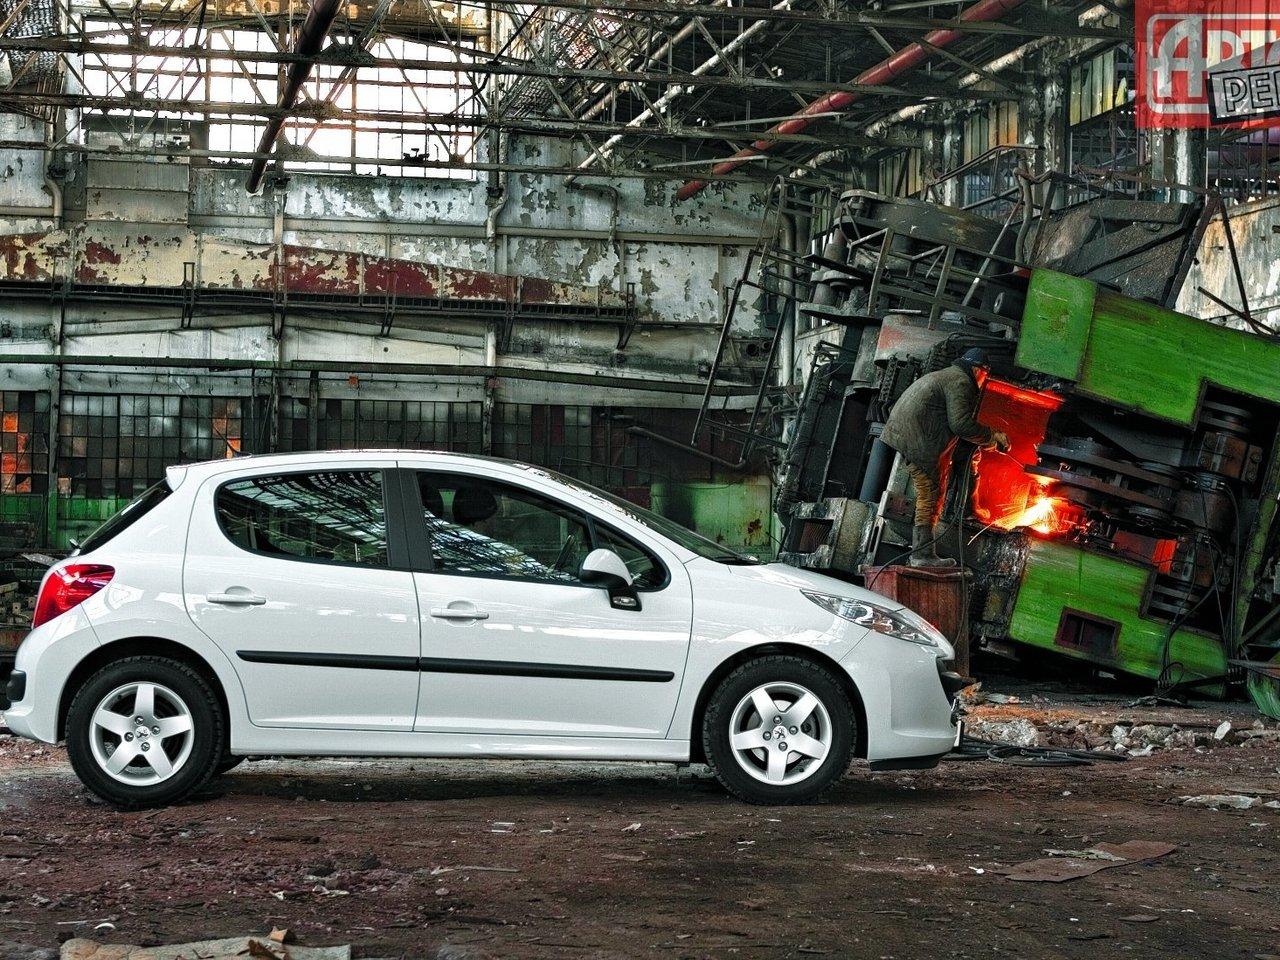 Peugeot 207, робот - Форум по автодиагностике ...